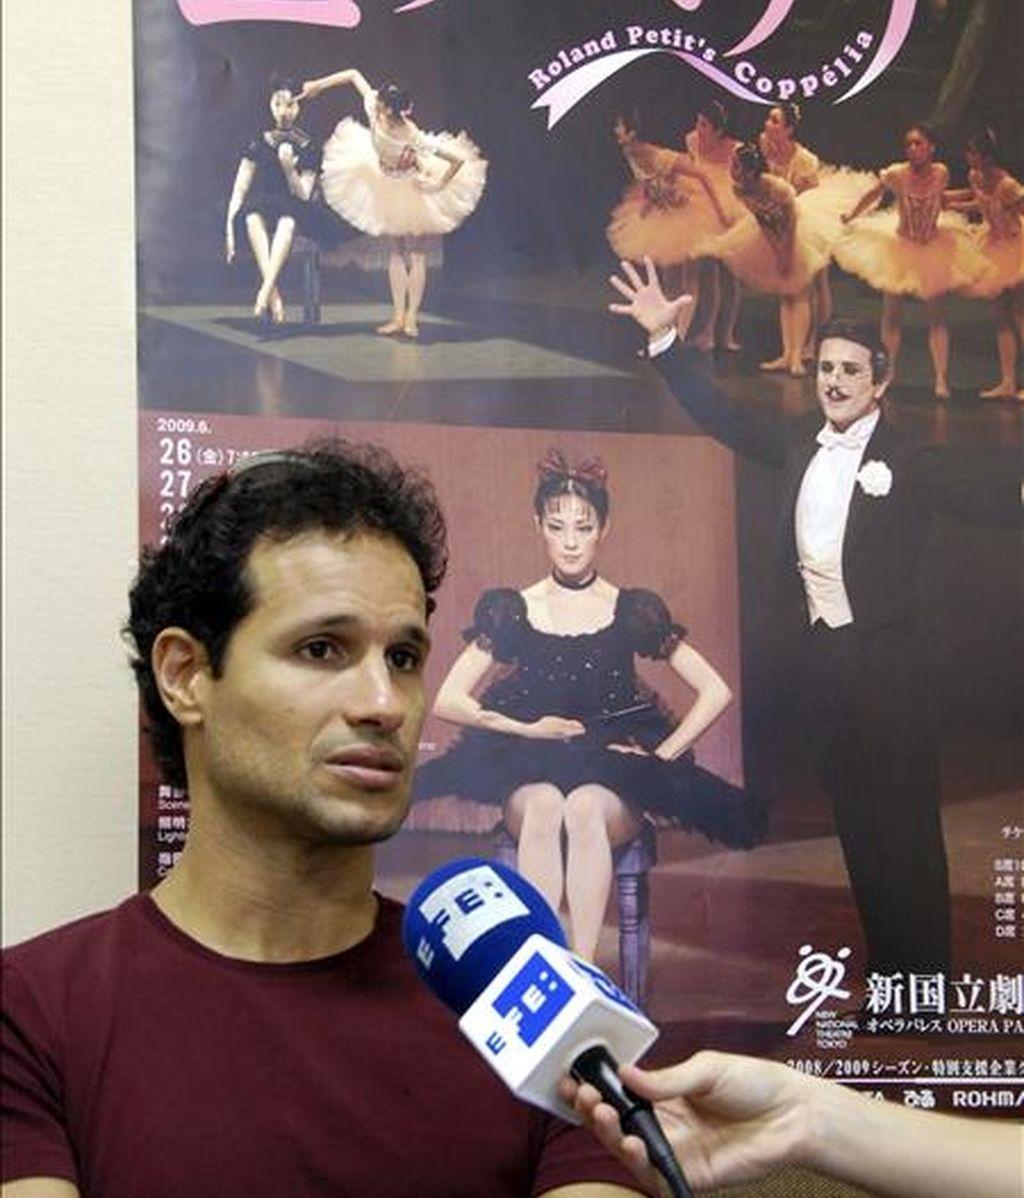 El bailarín cubano José Manuel Carreño anunció hoy su retirada del American Ballet Theatre (ABT), compañía con la que ha bailado ya quince temporadas y con la que seguirá otras dos más, en una entrevista con Efe en Tokio, al término de uno de los ensayos de la obra Coppélia que estrenará en Japón el próximo 26 de junio junto a la española Tamara Rojo. EFE